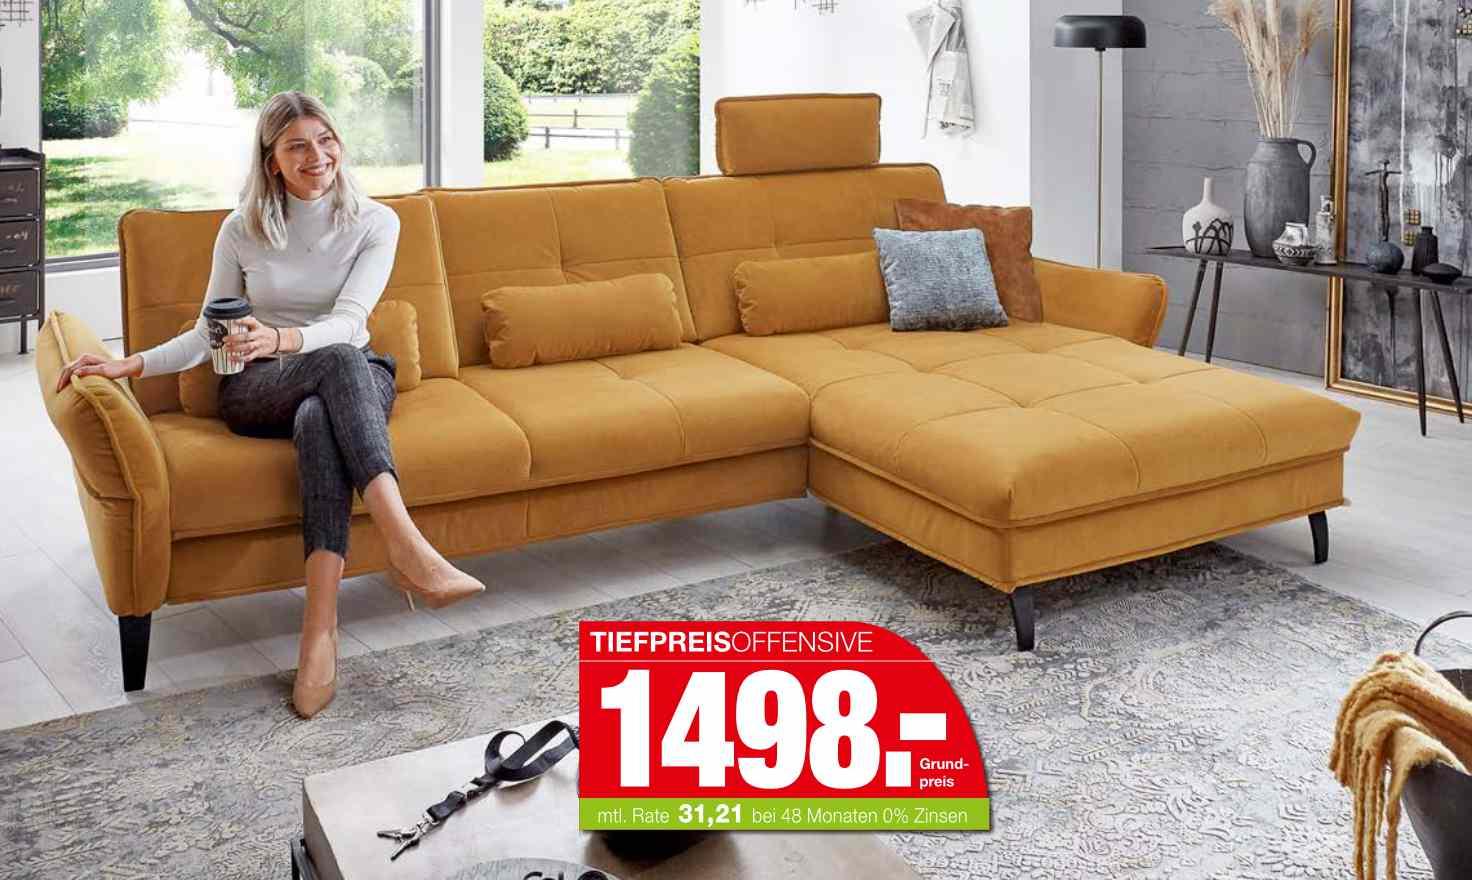 Hemingways Sofa